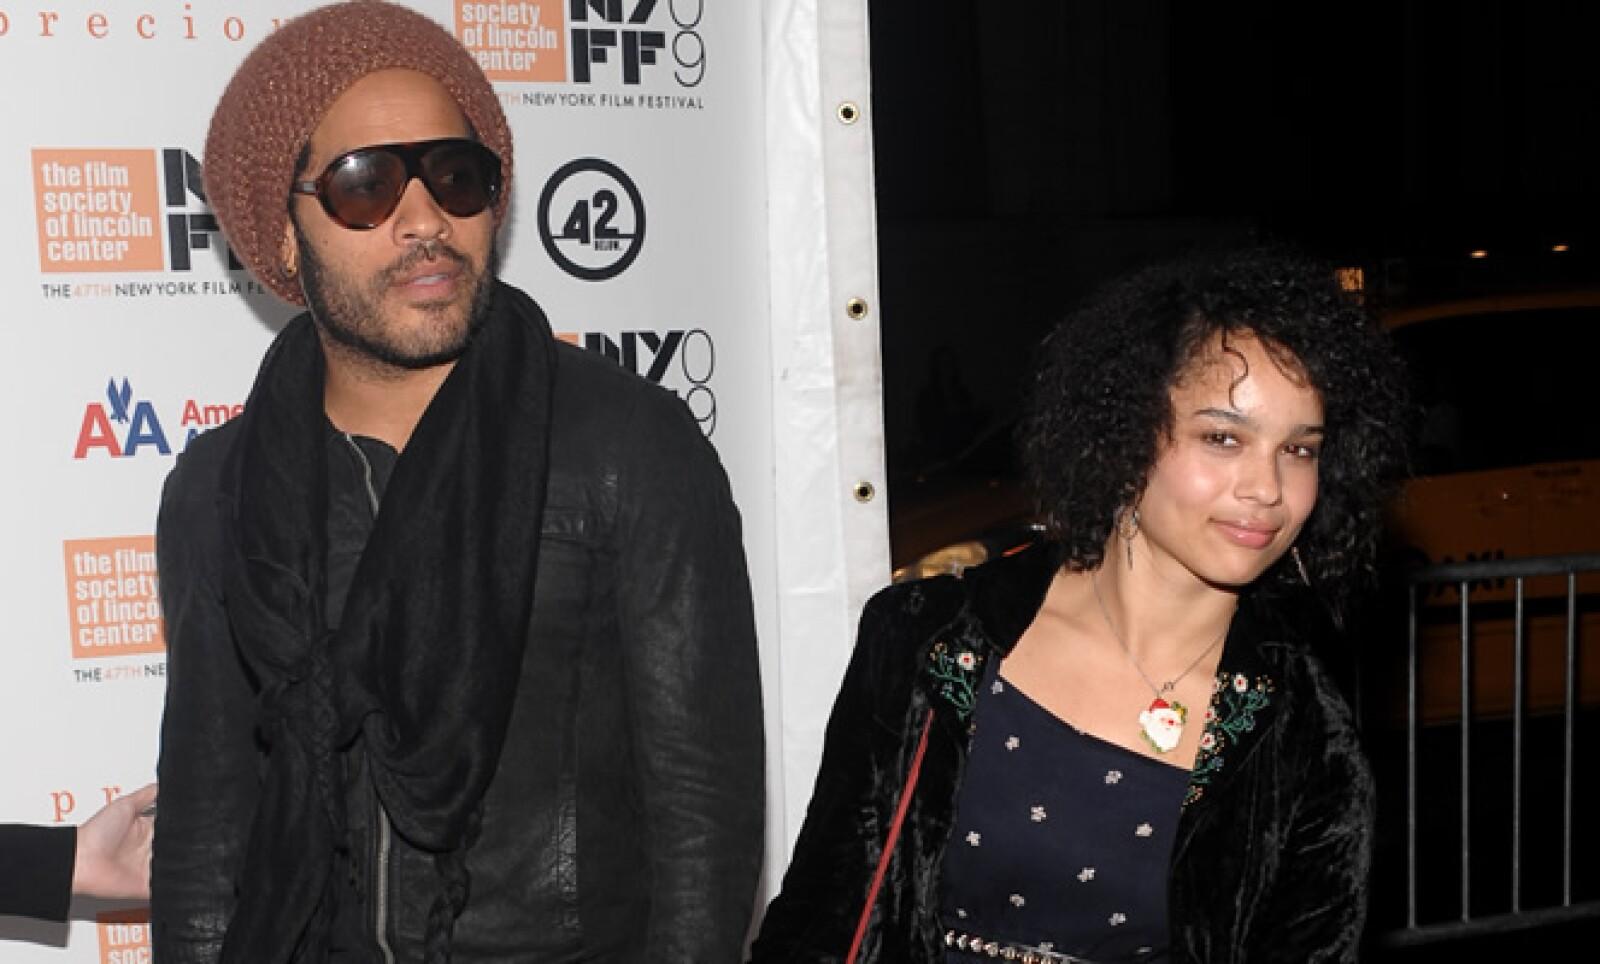 El músico Lenny Kravitz y su hija Zoe acudieron juntos al Festival de Cine de Nueva York.